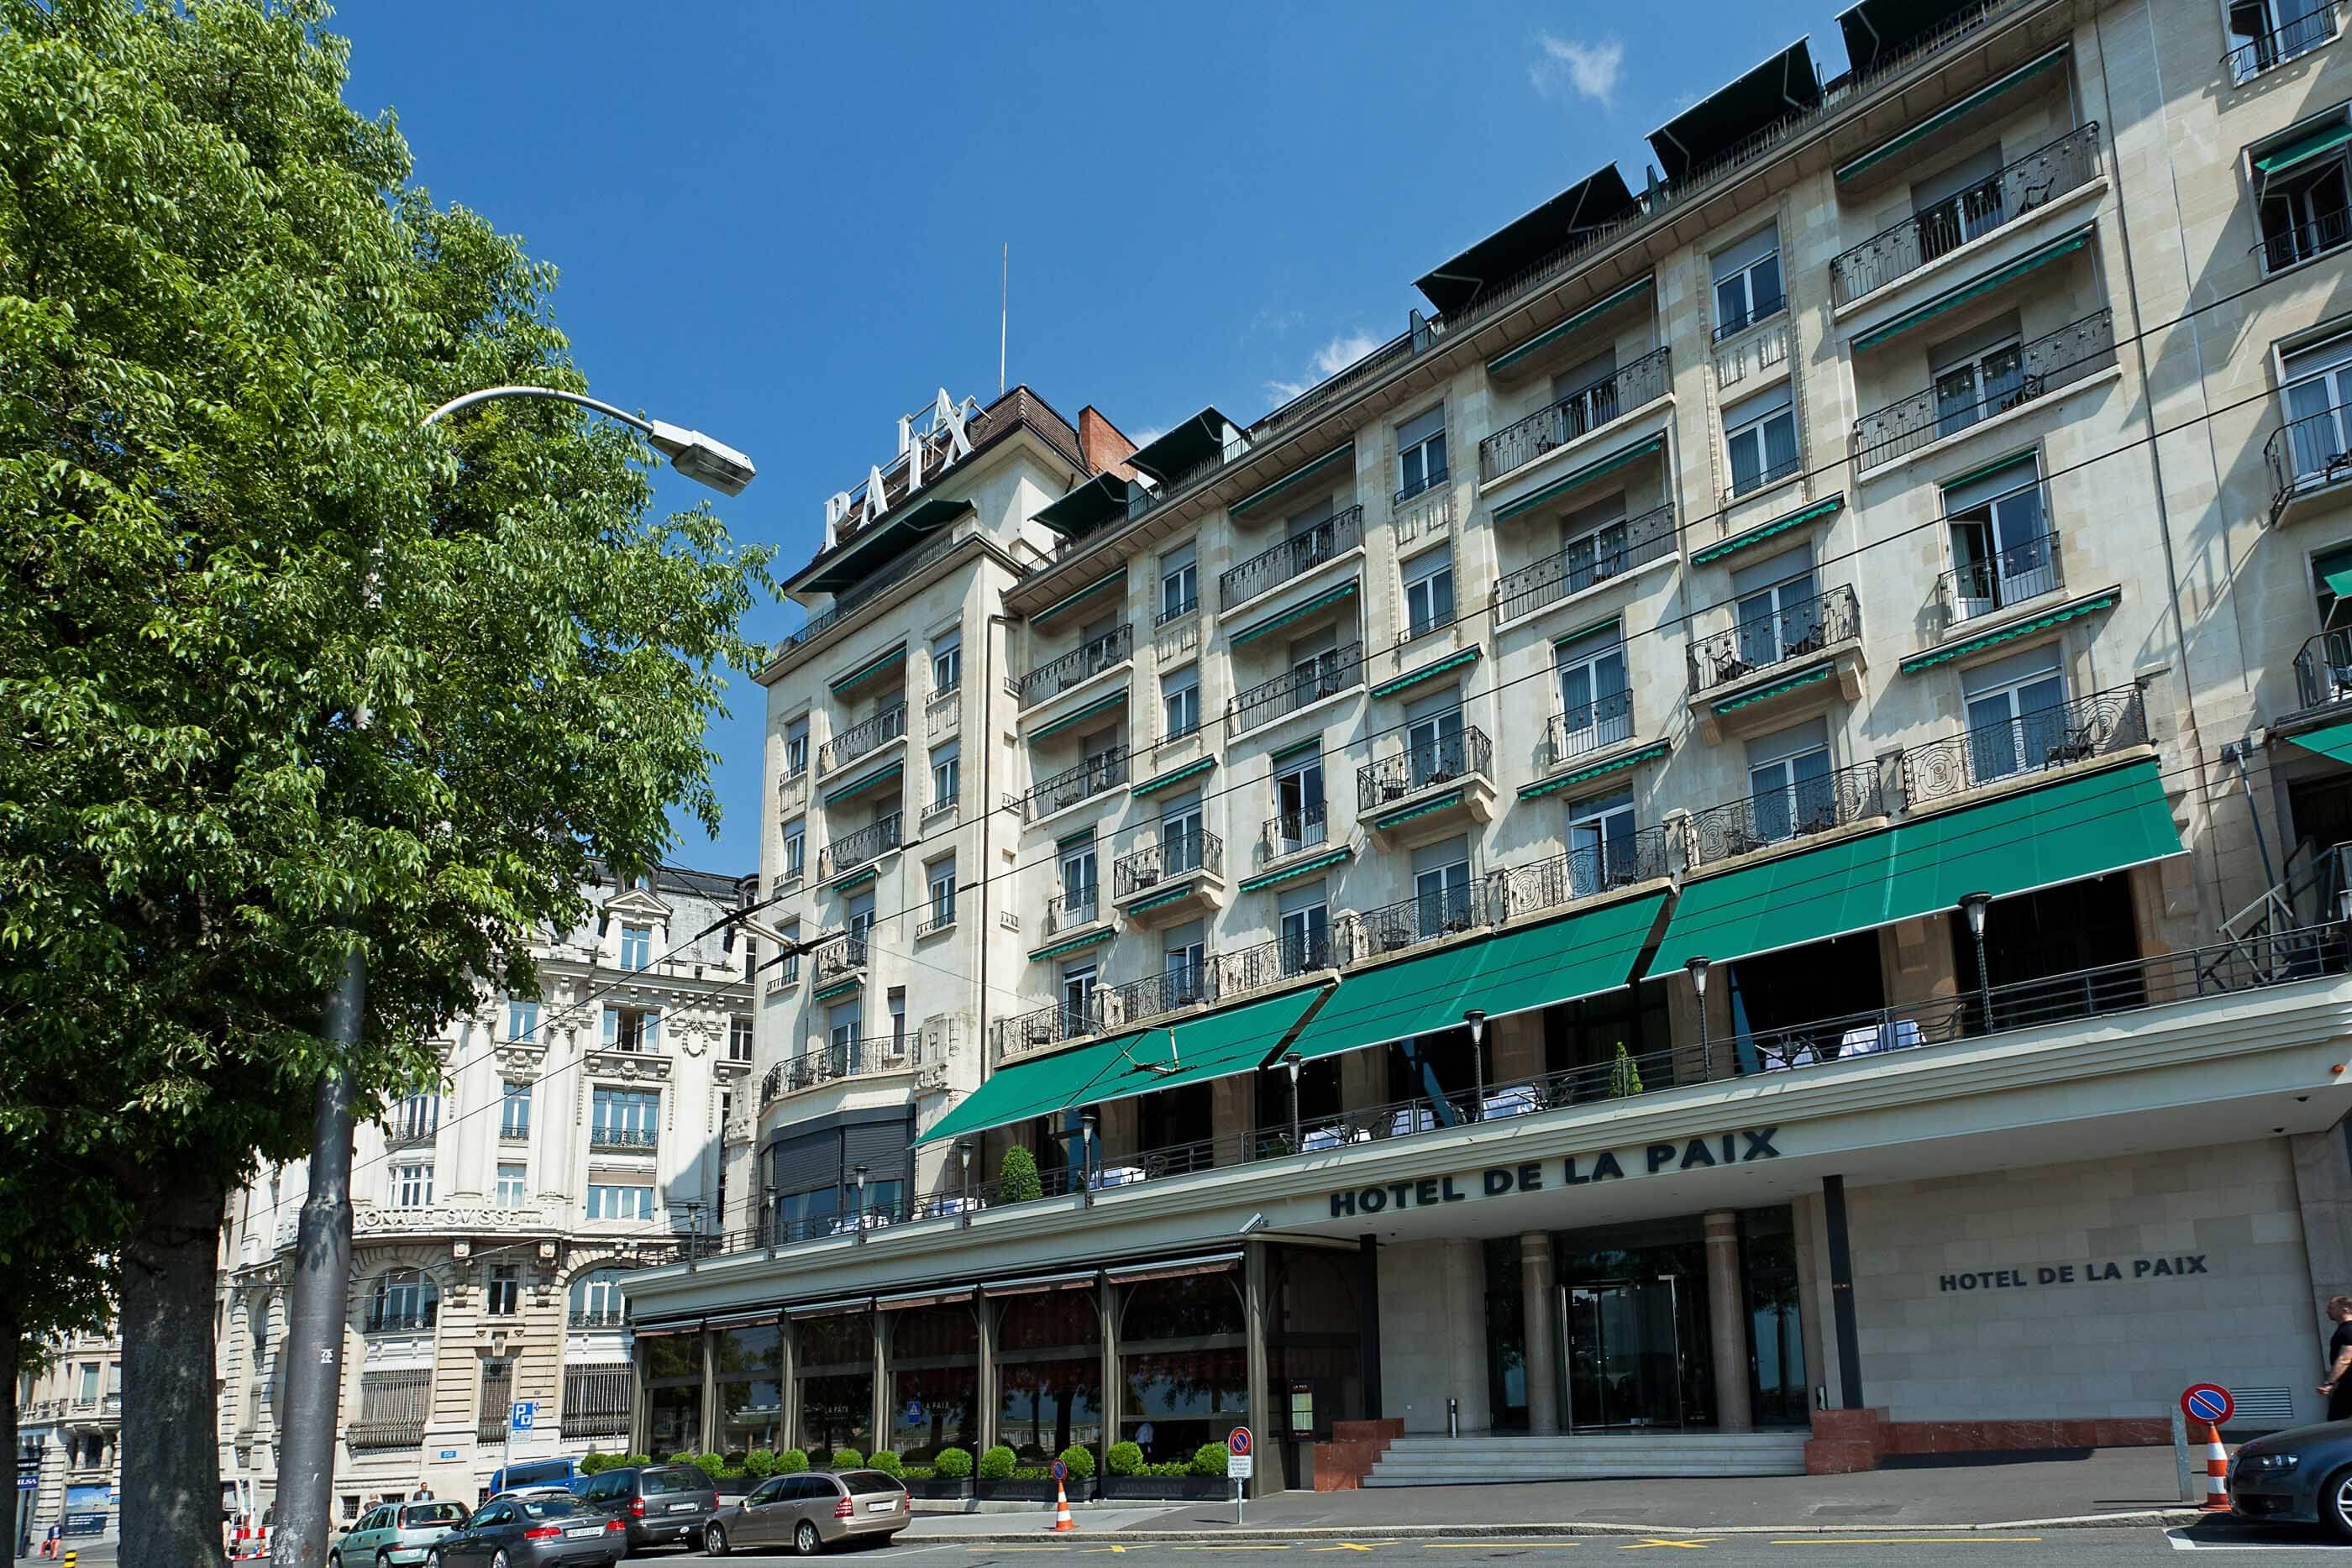 Hotel and restaurant in Lausanne Hôtel de la Paix